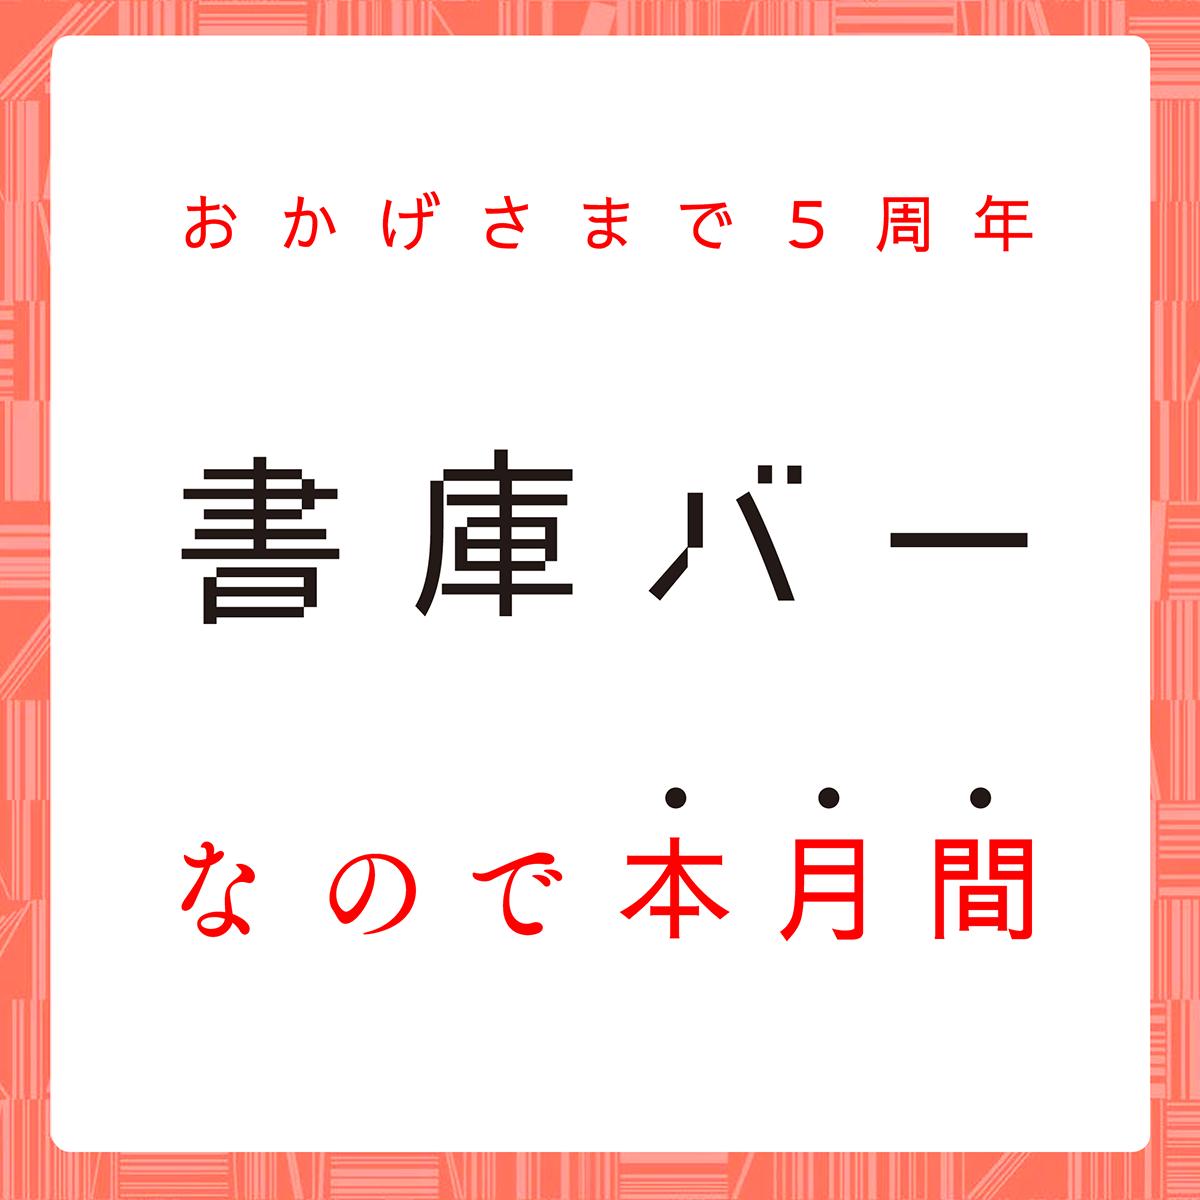 『書庫バー五周年記念 《本・アート・デザイン》イベント月間』